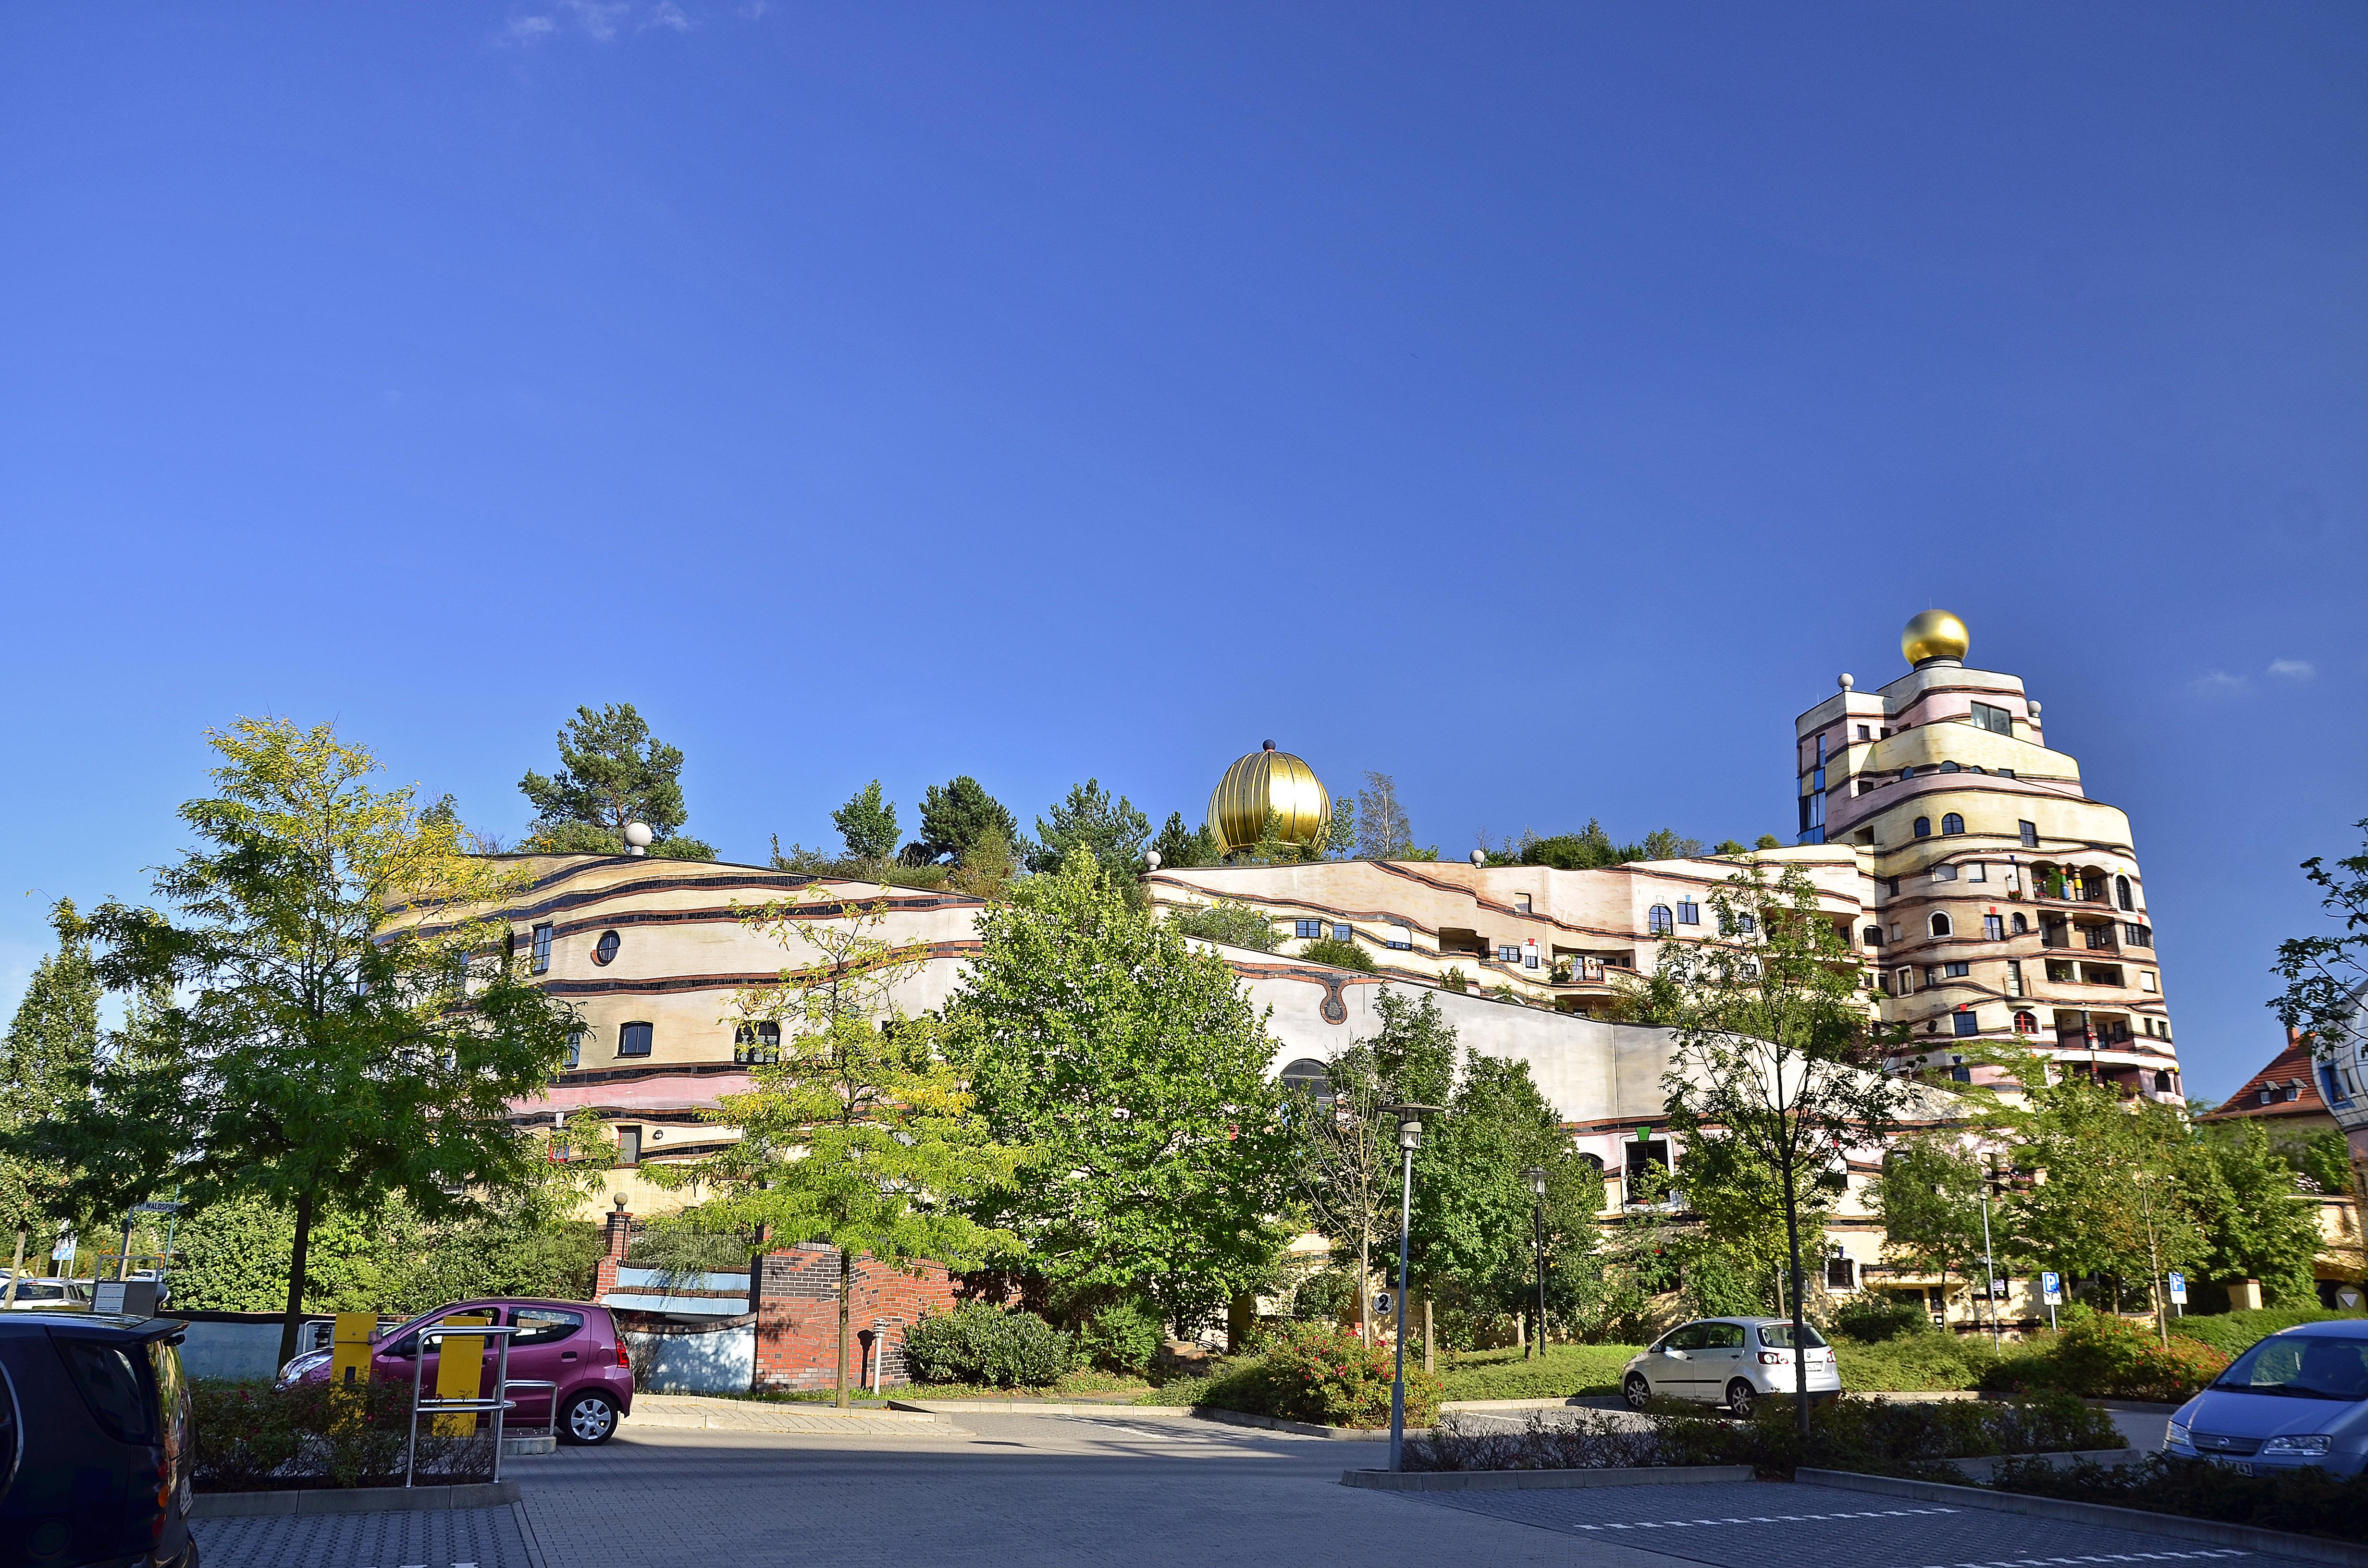 Datei:Waldspirale Darmstadt - Hundertwasser-Haus.JPG – Wikipedia